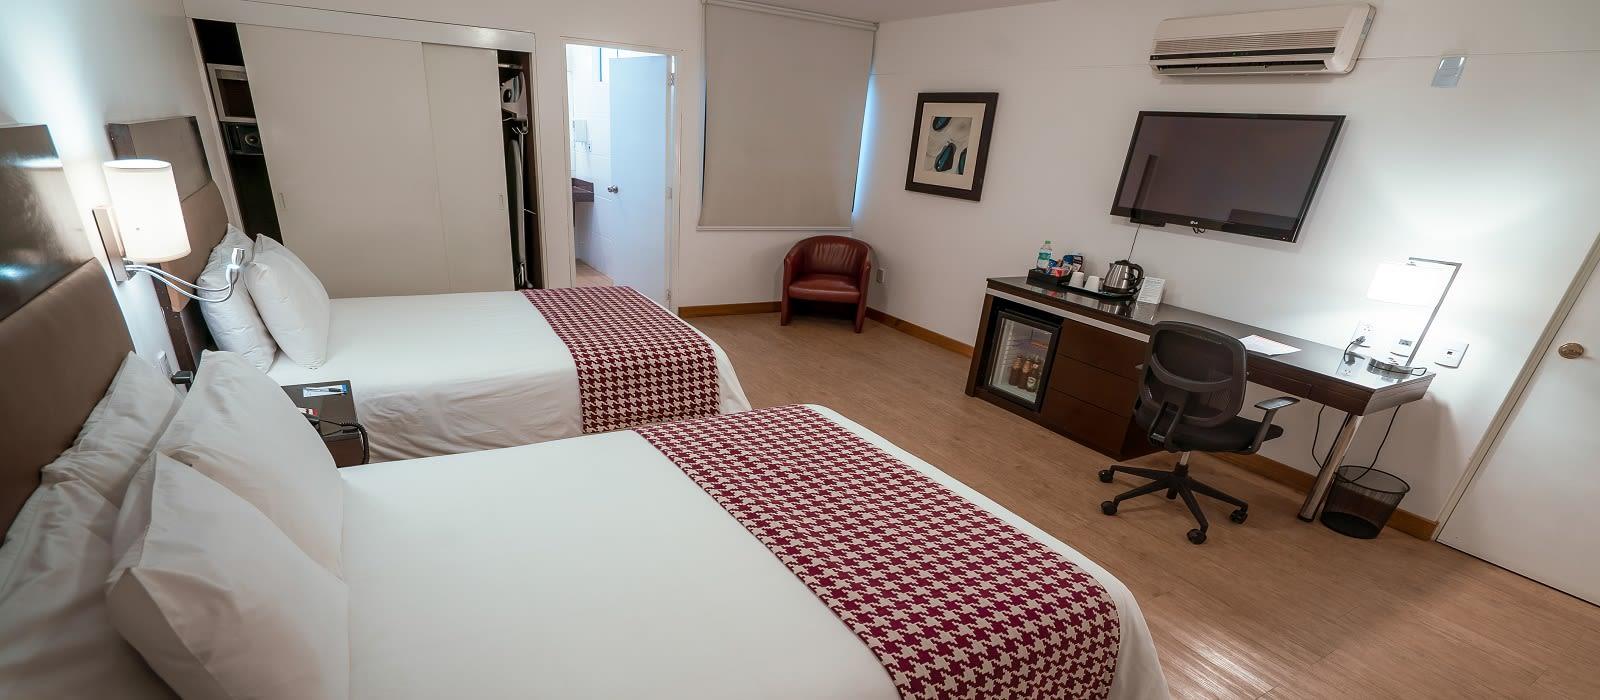 Hotel Wyndham Costa del Sol Chiclayo Peru